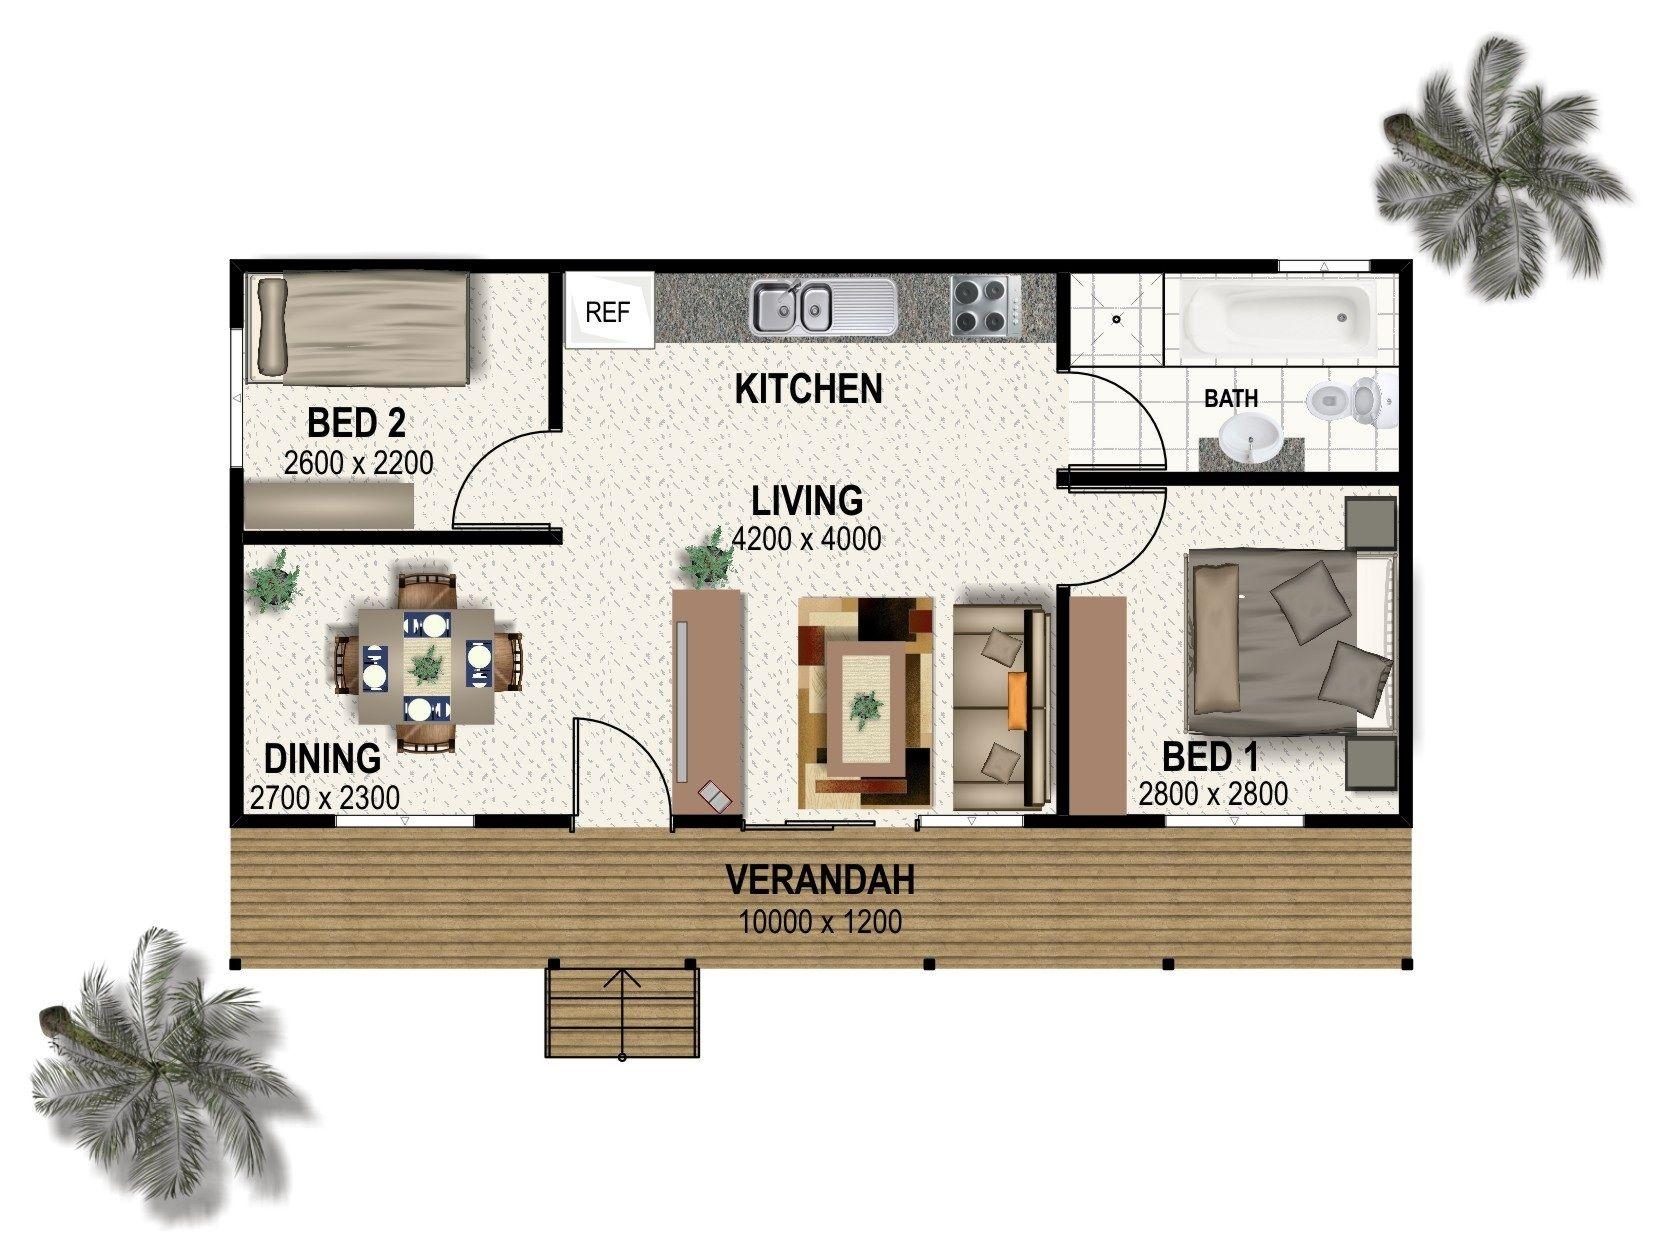 Australia S Backyard Cabins Granny Flats Planos De Casas Pequenas Casas Disenos De Casas Backyard tiny house floor plan